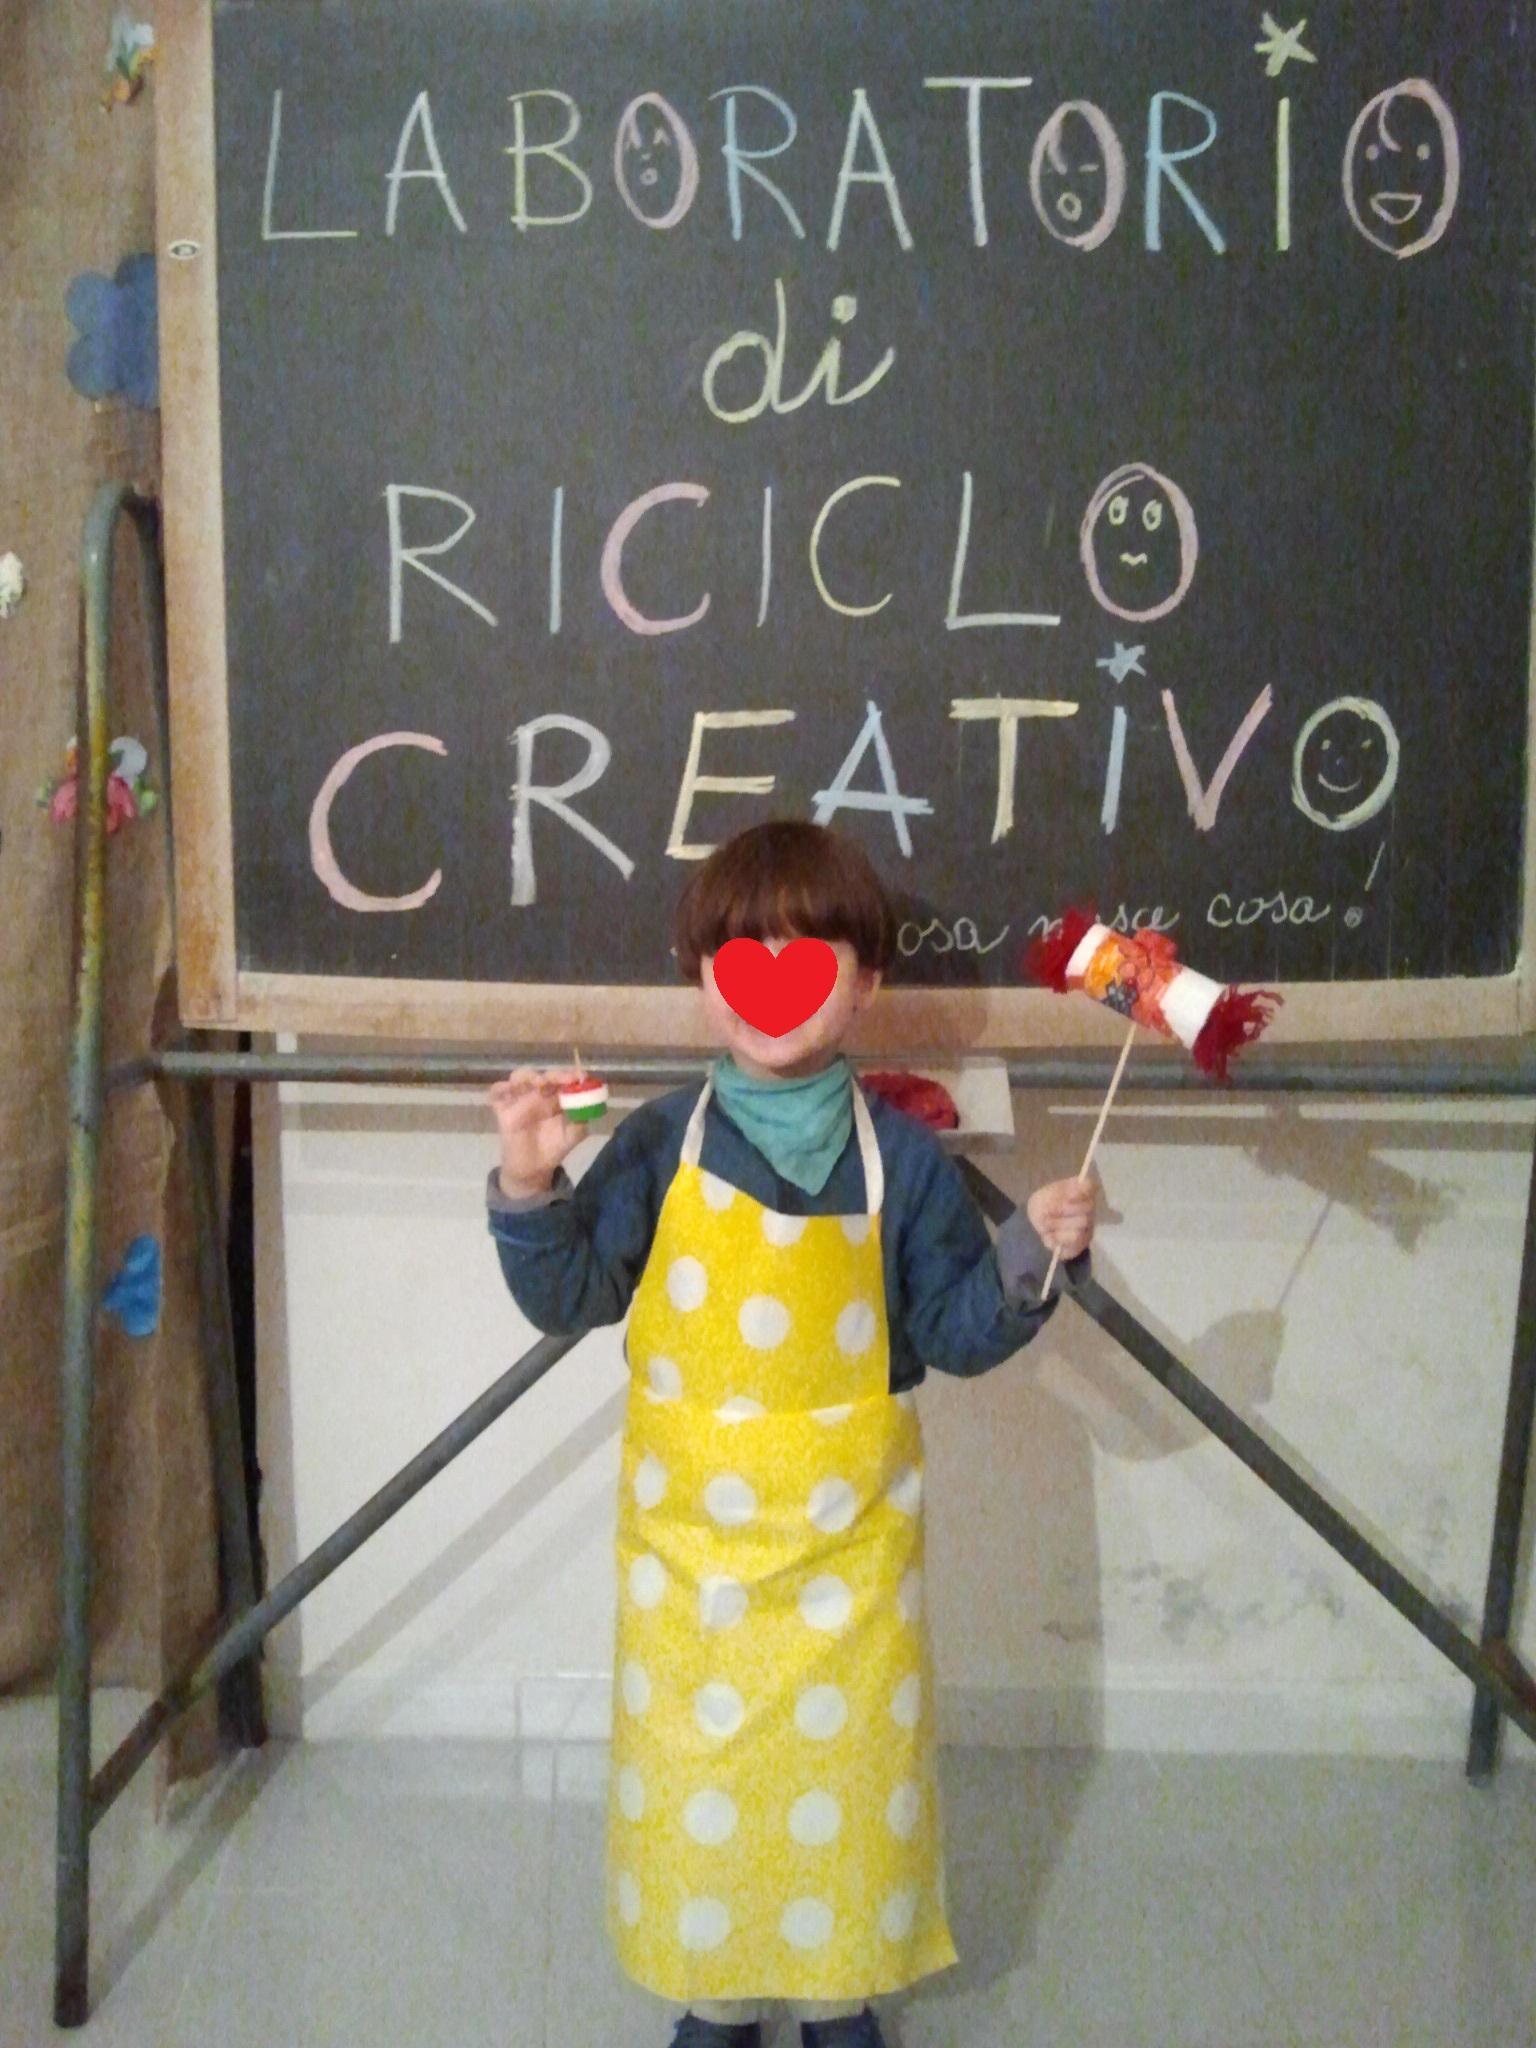 Borgobalocco-Laboratorio-riciclo-creativo.